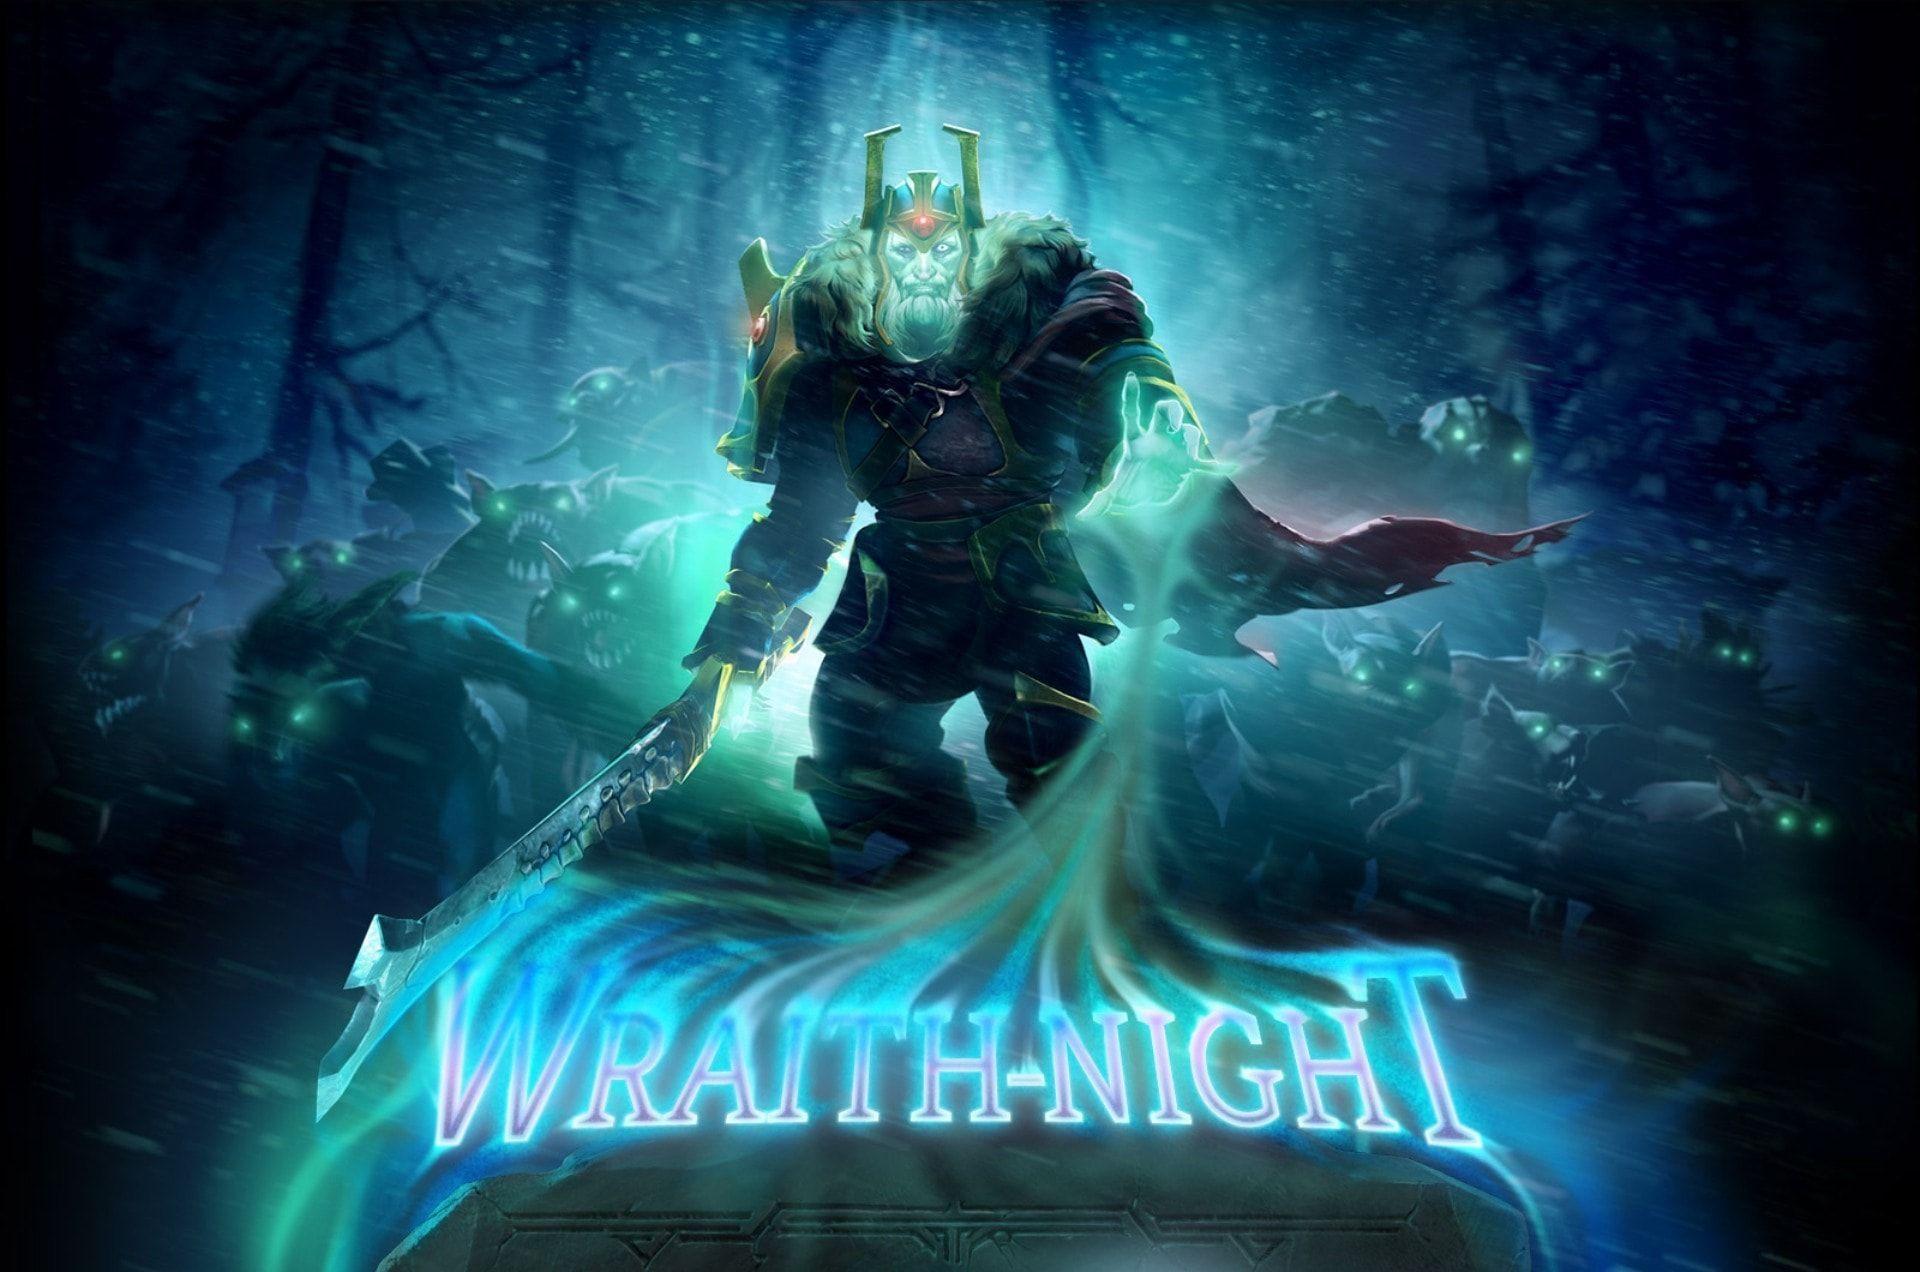 Wallpaper Gaming Keren: The Night King Wallpapers